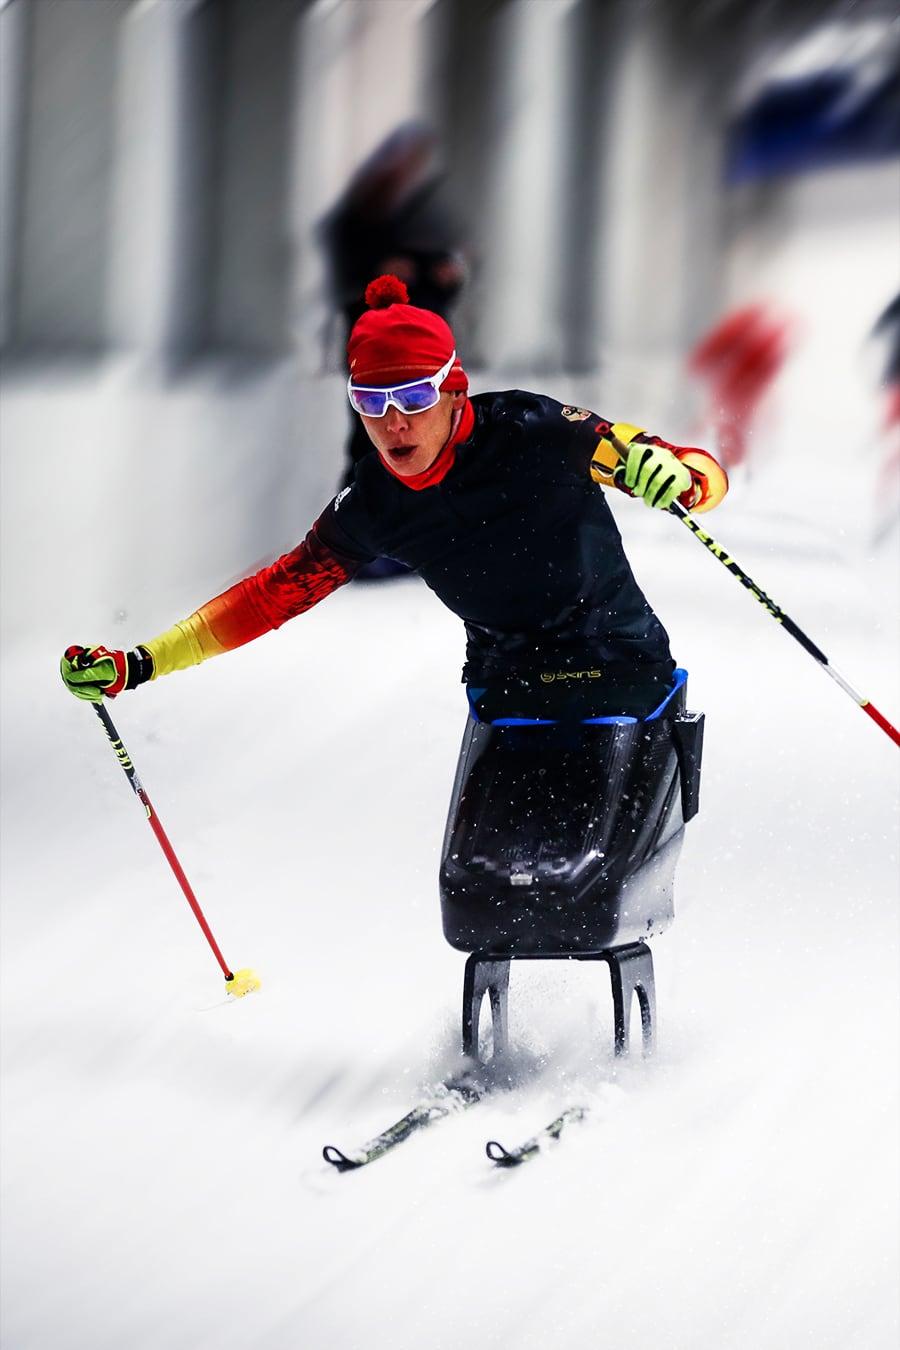 クロスカントリースキー アンドレア・エスカウ選手(ドイツTMG所属)